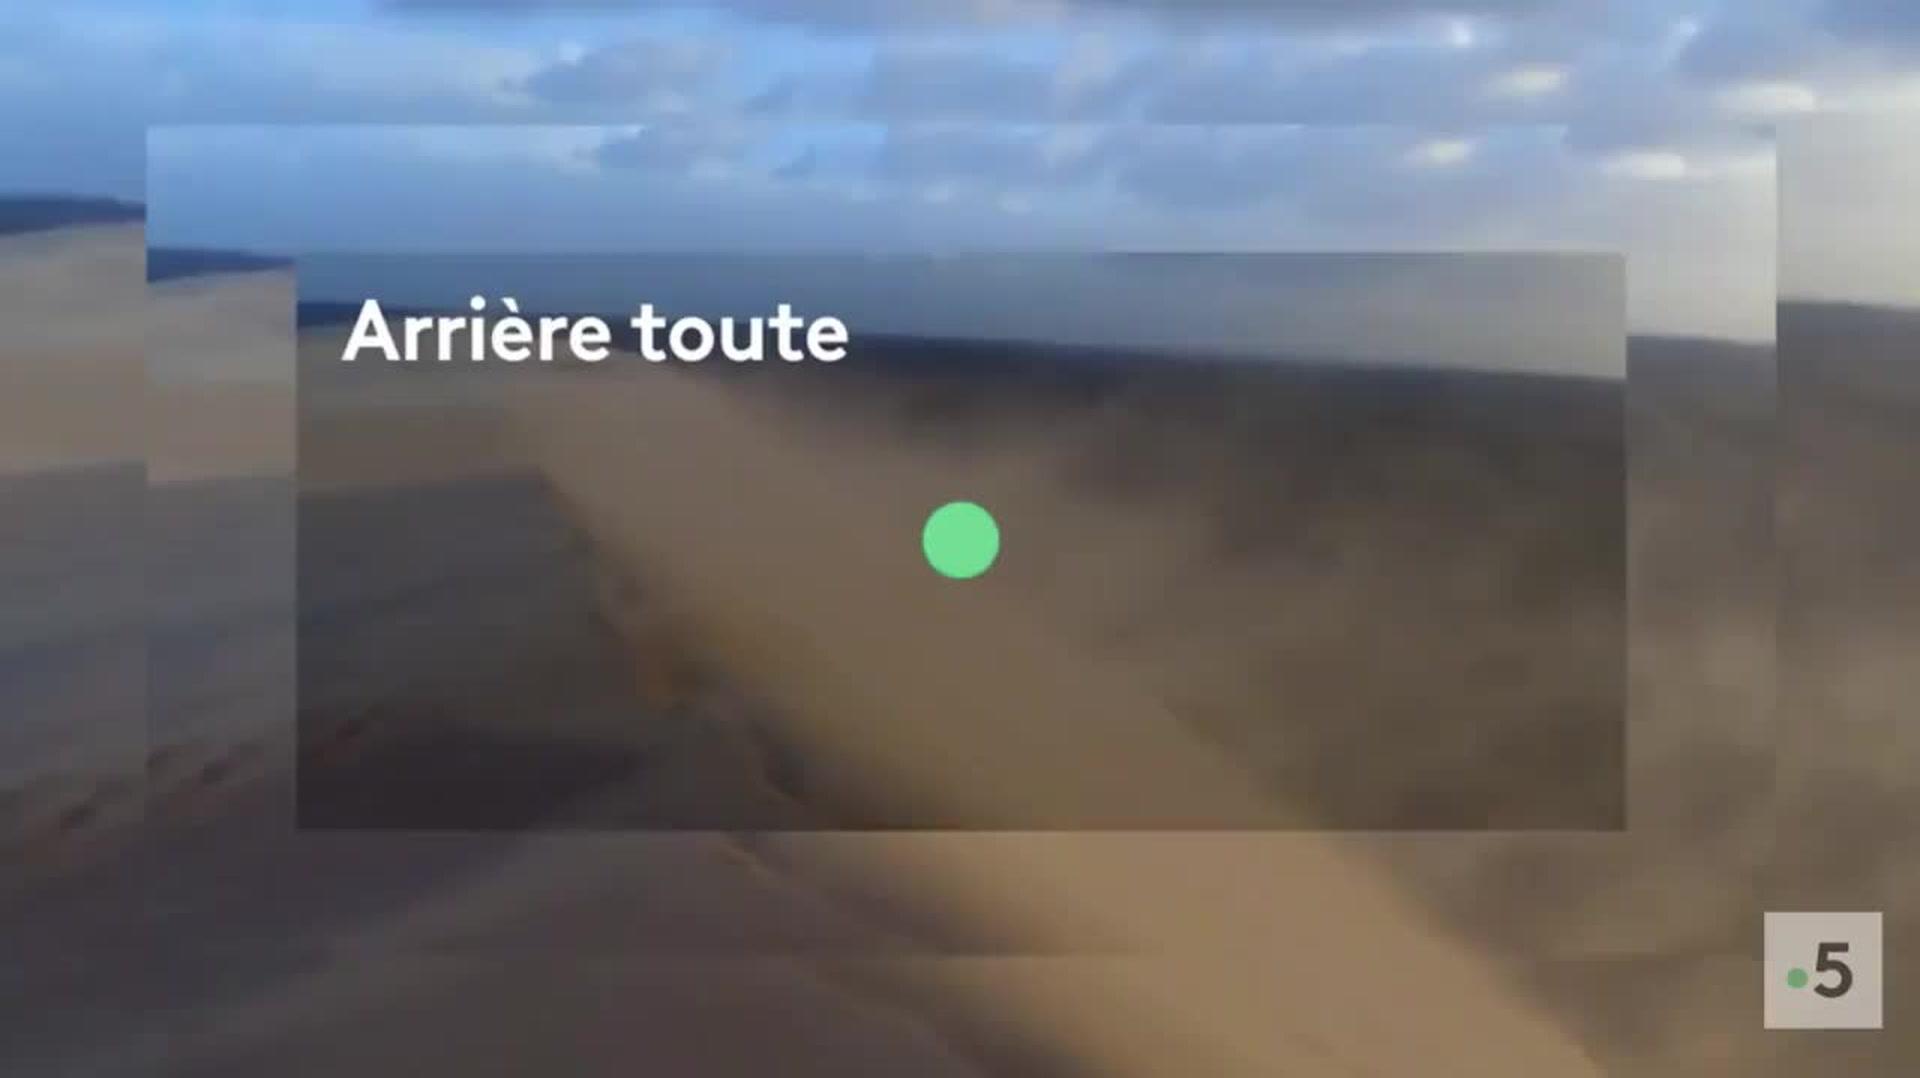 Sale temps pour la planète : Les Landes de Gascogne, le vent l'emportera